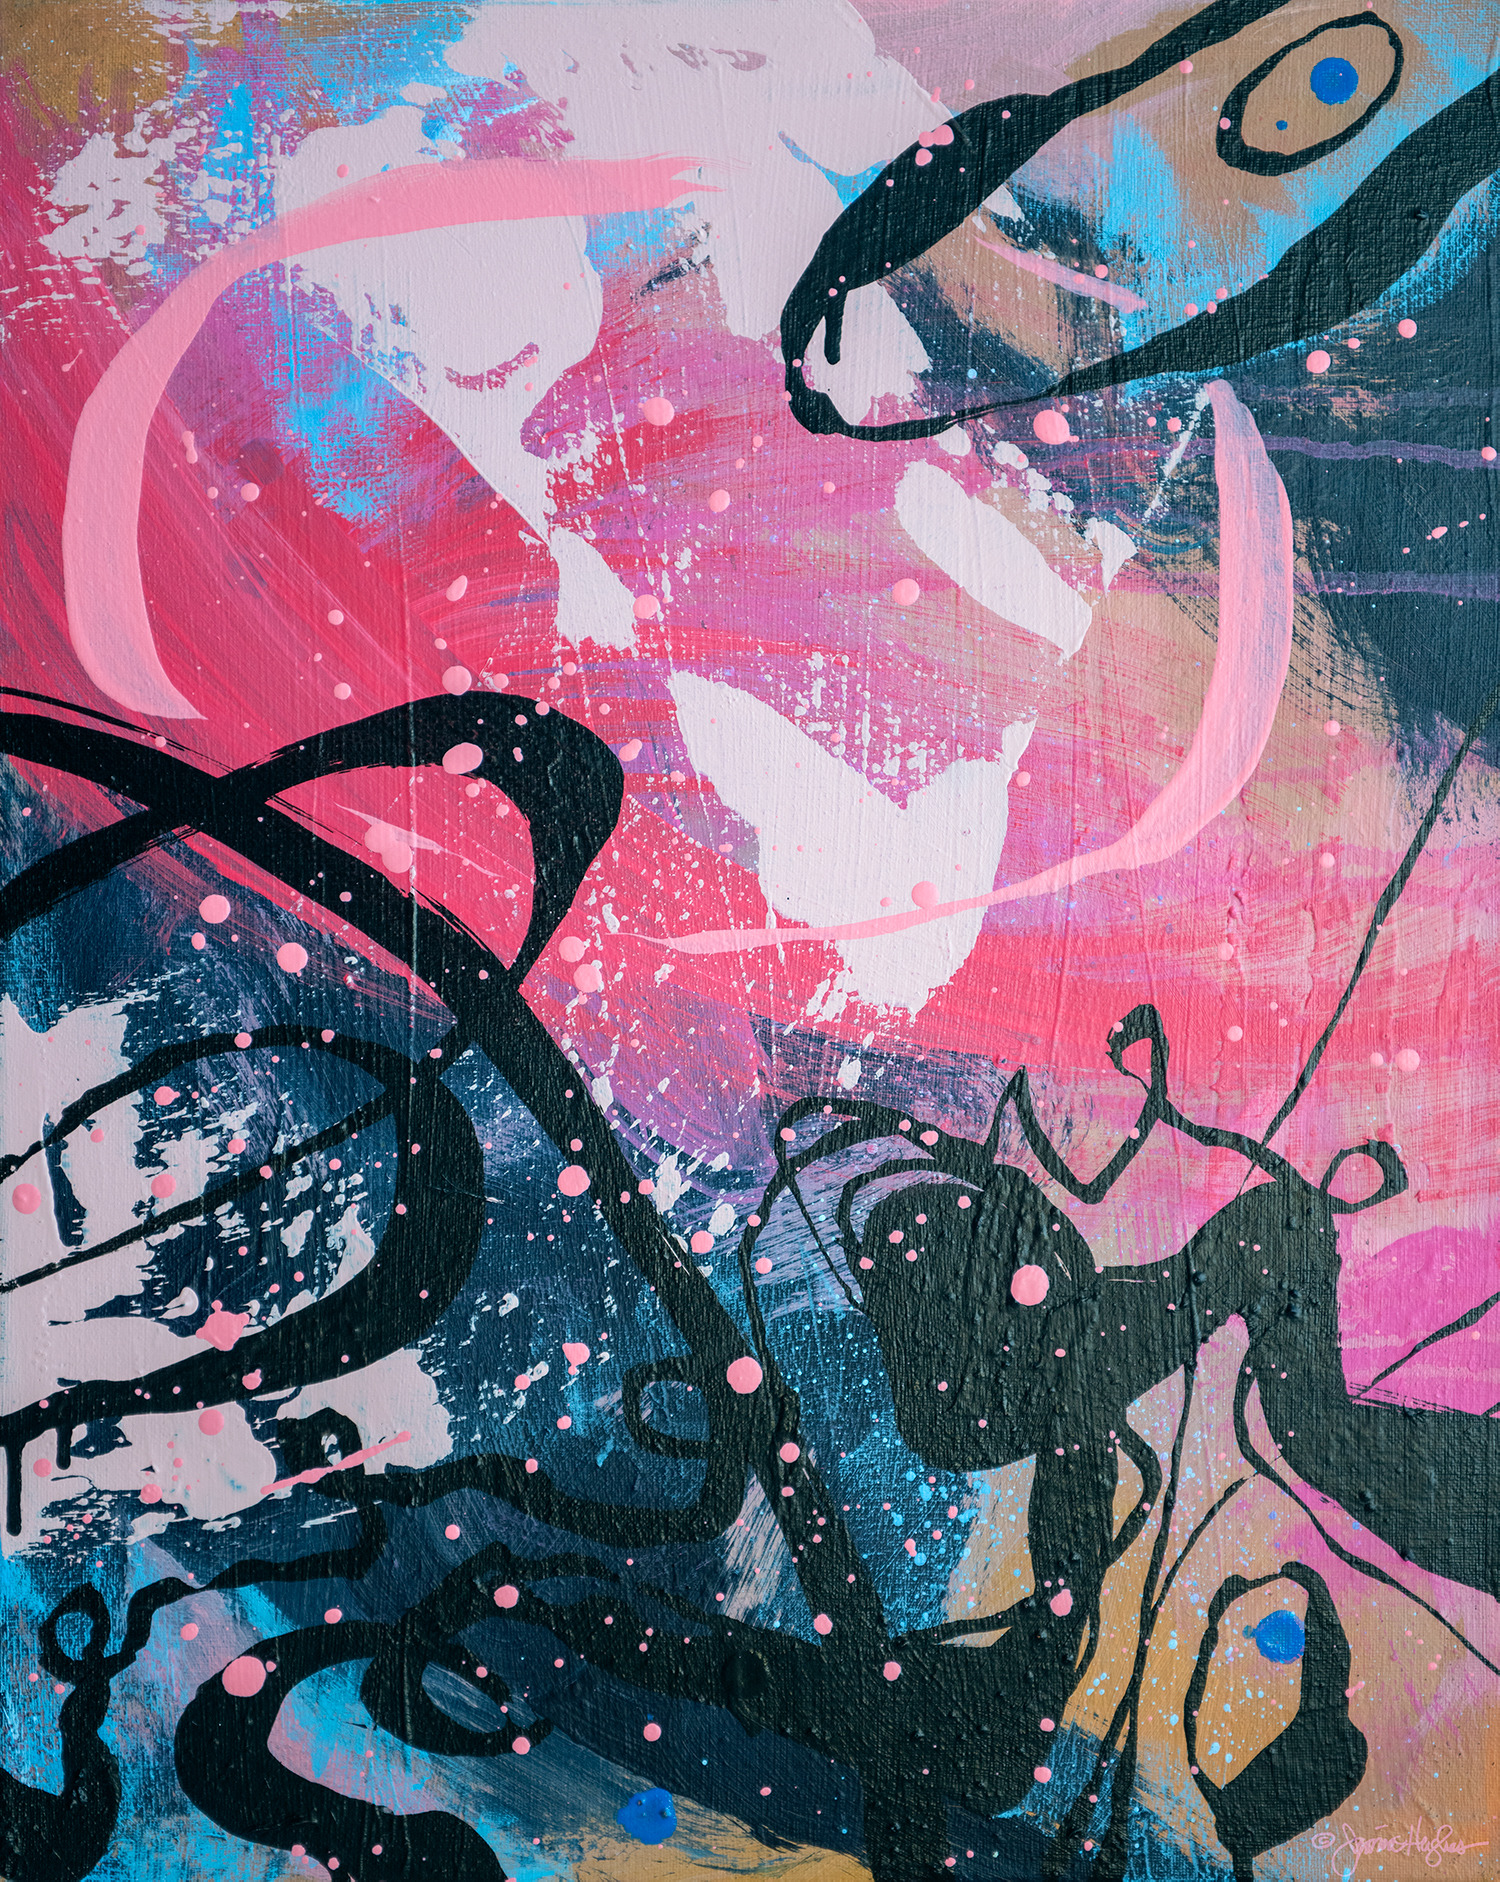 Hummingbird lo asf cv3gag